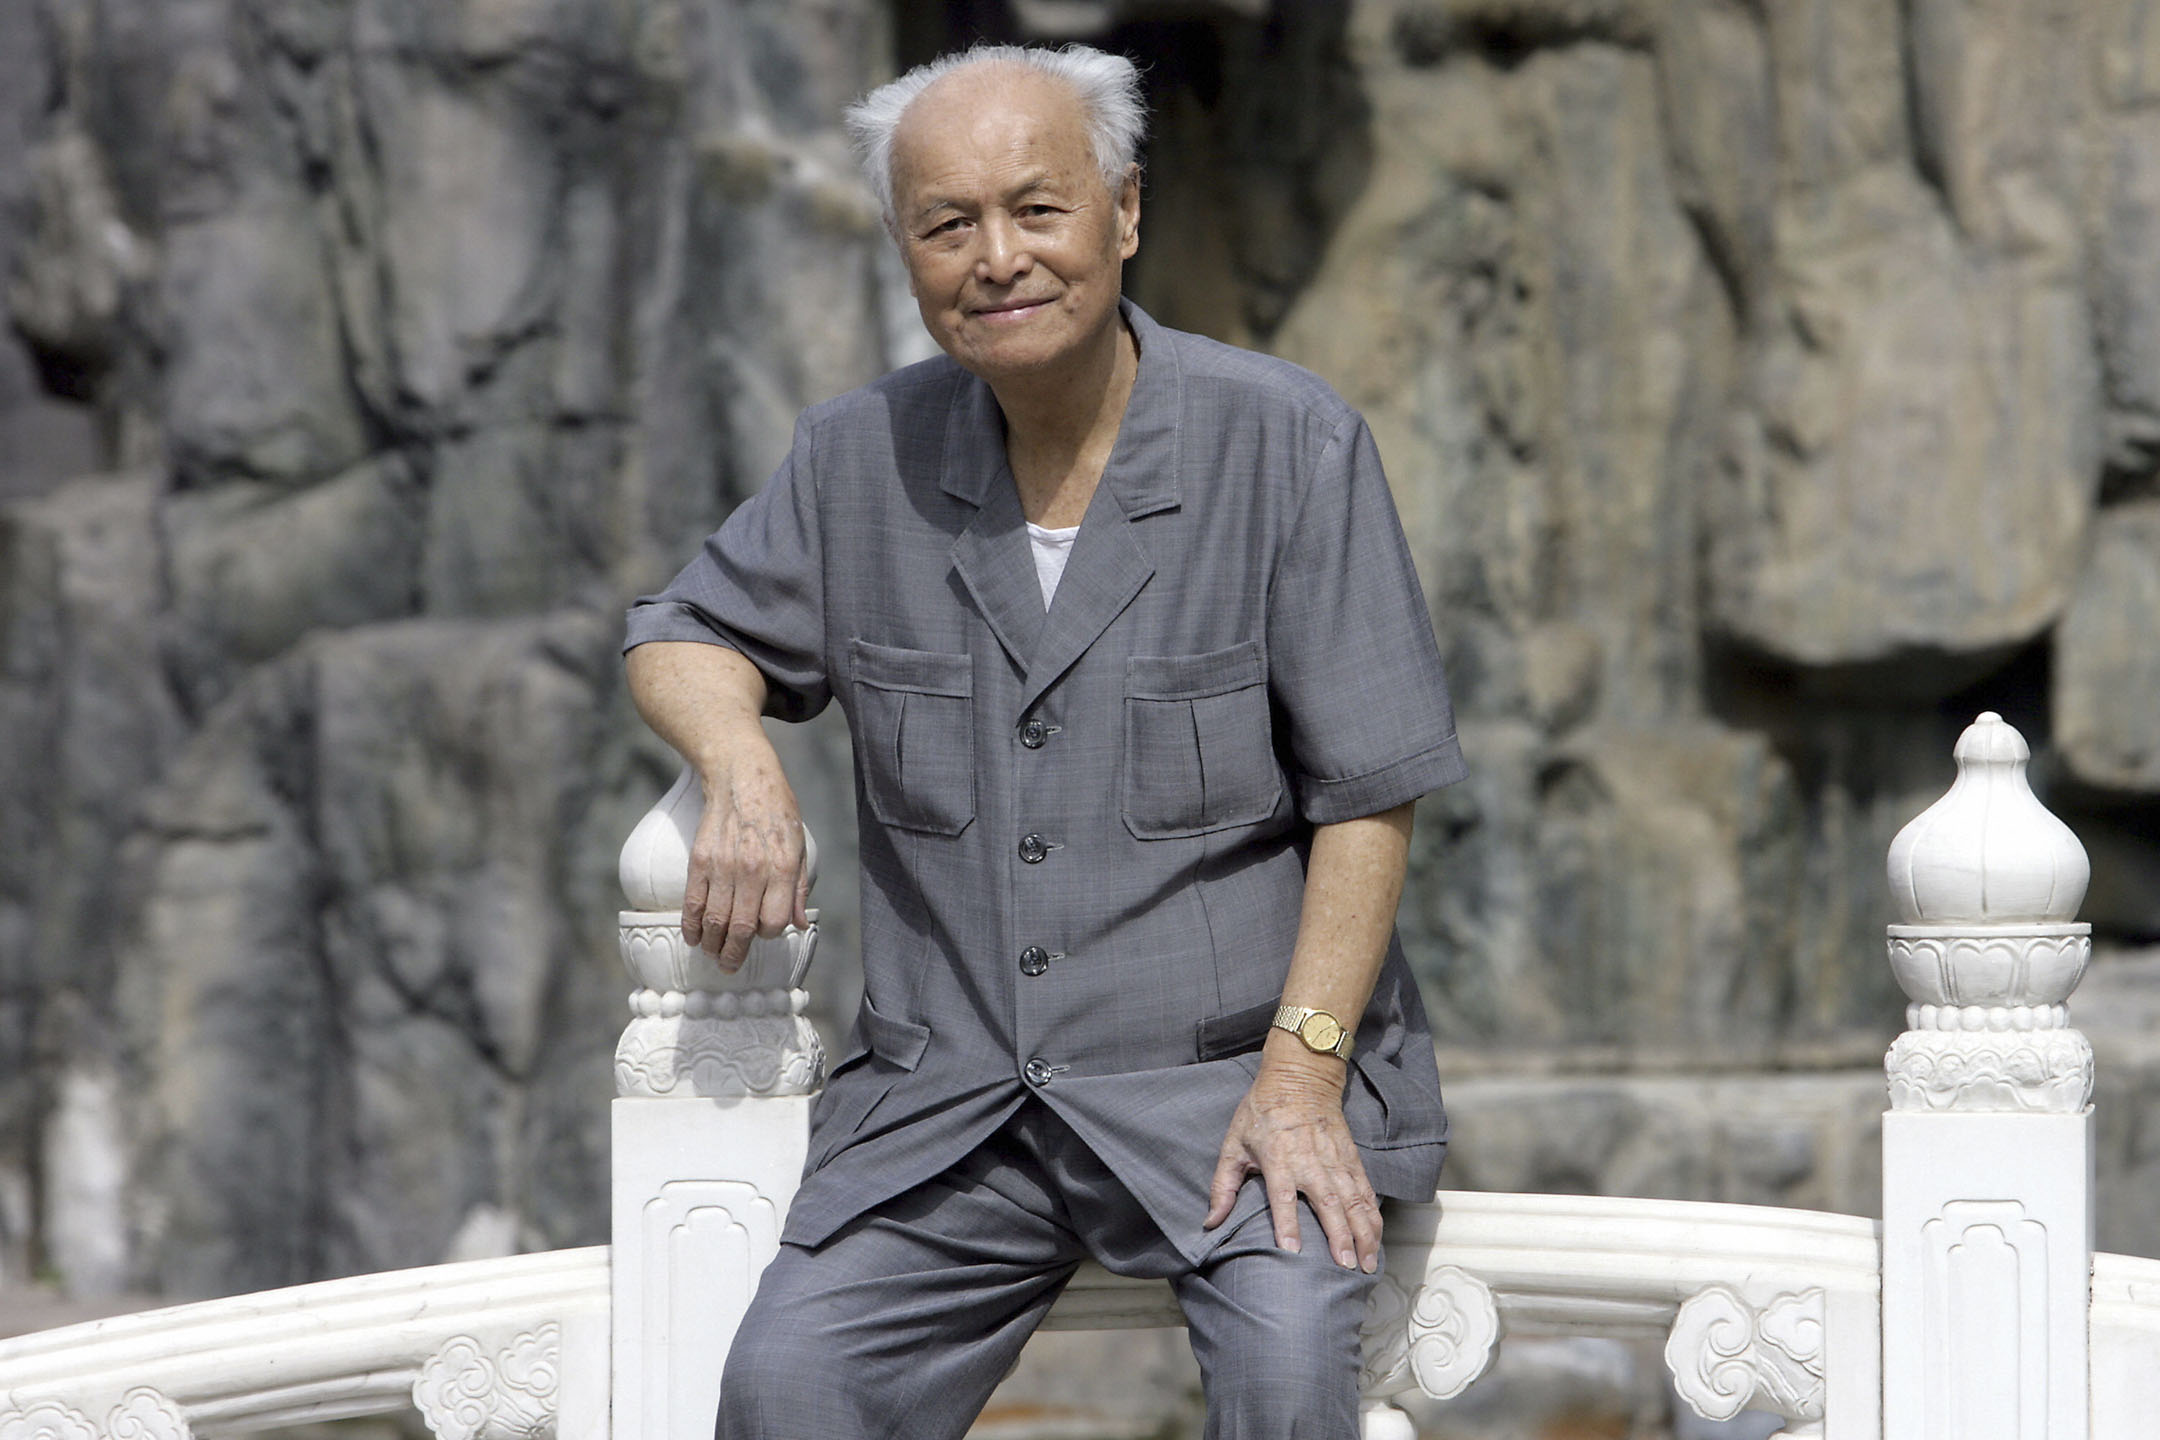 2019年2月16日,中共已故領導人毛澤東的前秘書李銳在北京逝世,享年101歲。 攝:Goh Chai Hin/AFP/Getty Images